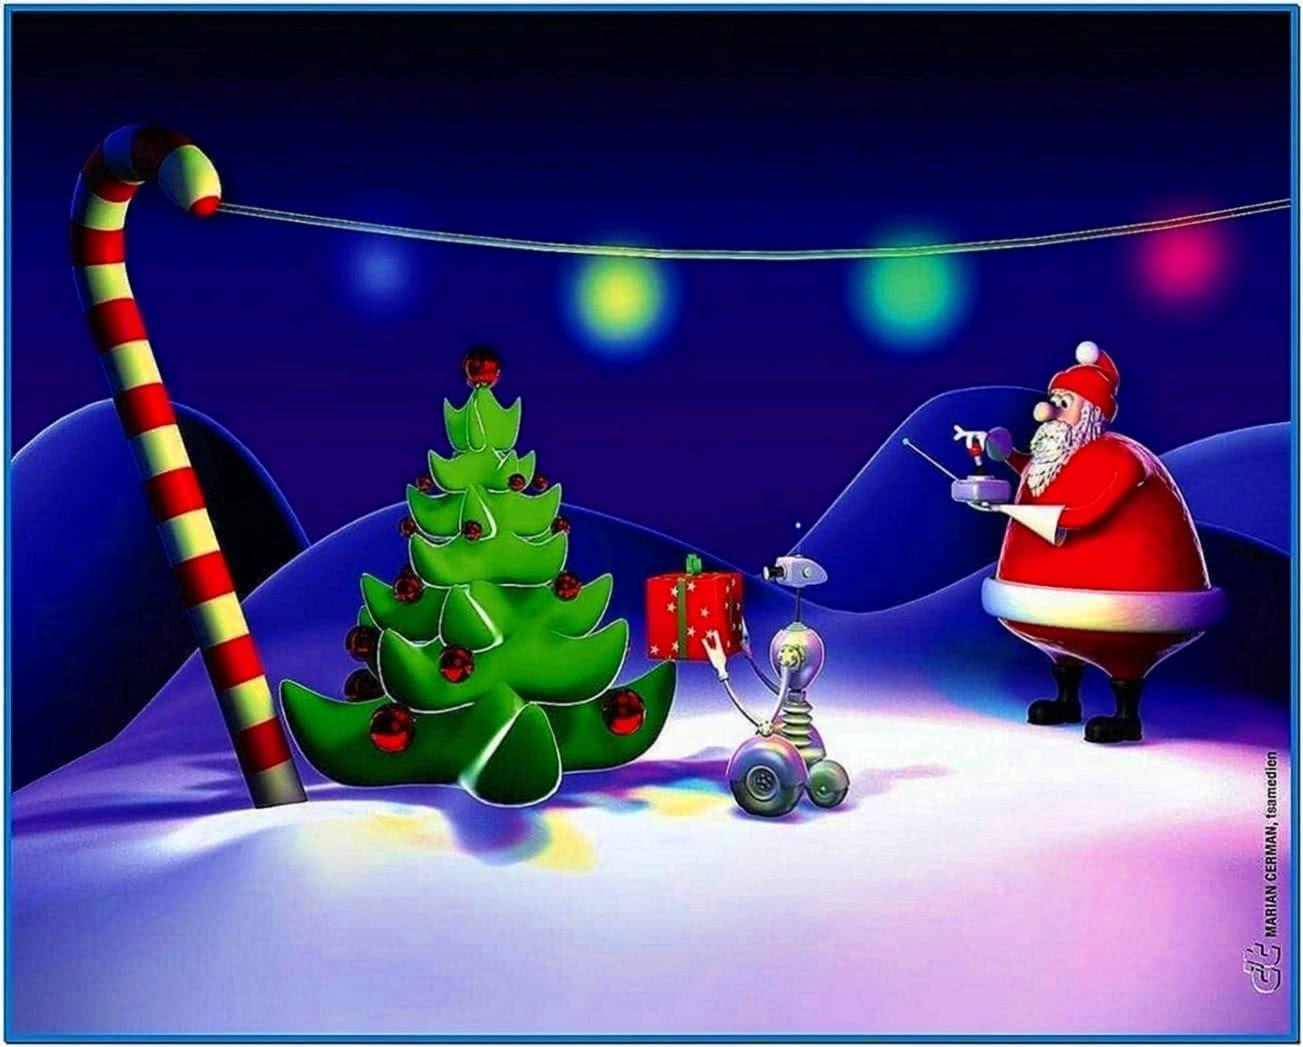 Animated christmas screensavers with music